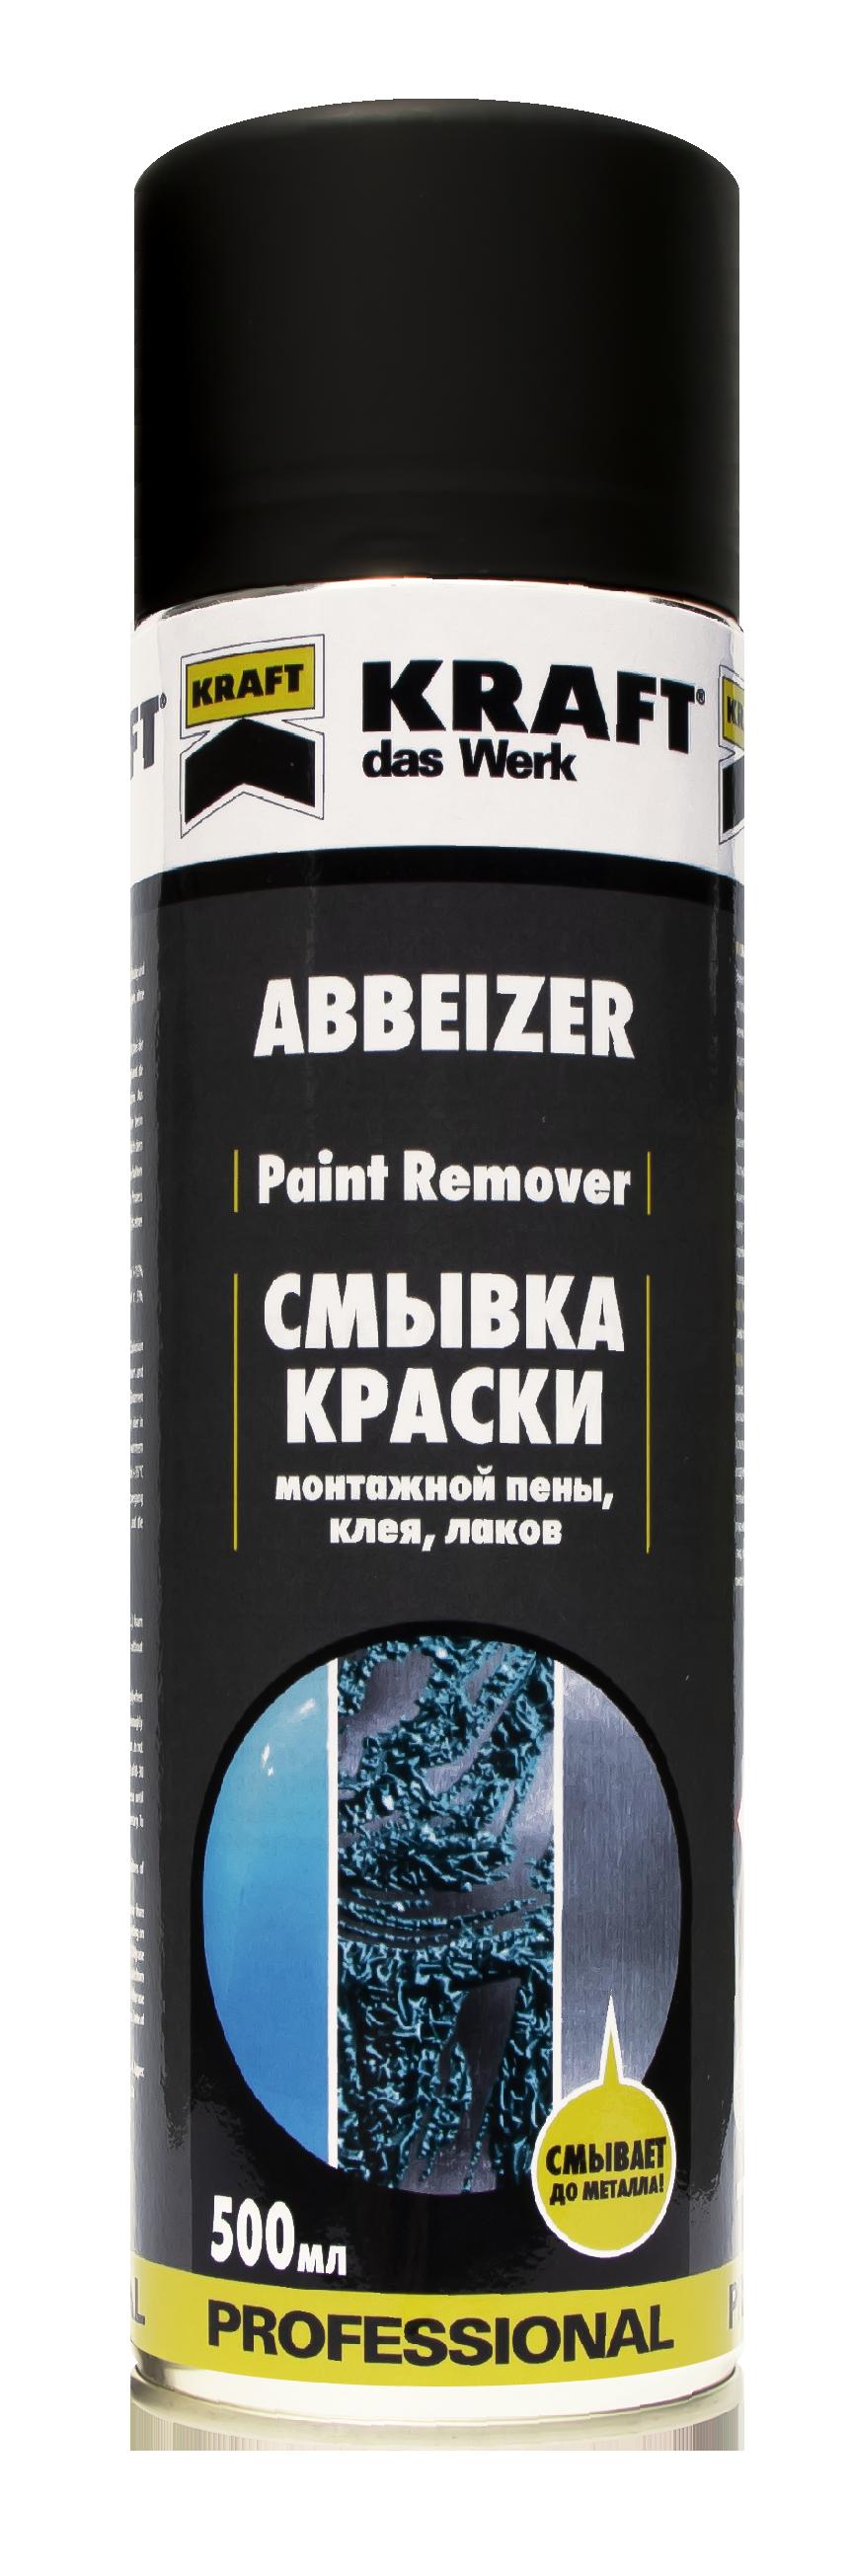 Смывка краски (средство для удаления лакокрасочных покрытий), ТМ 'KRAFT' 500мл KF006